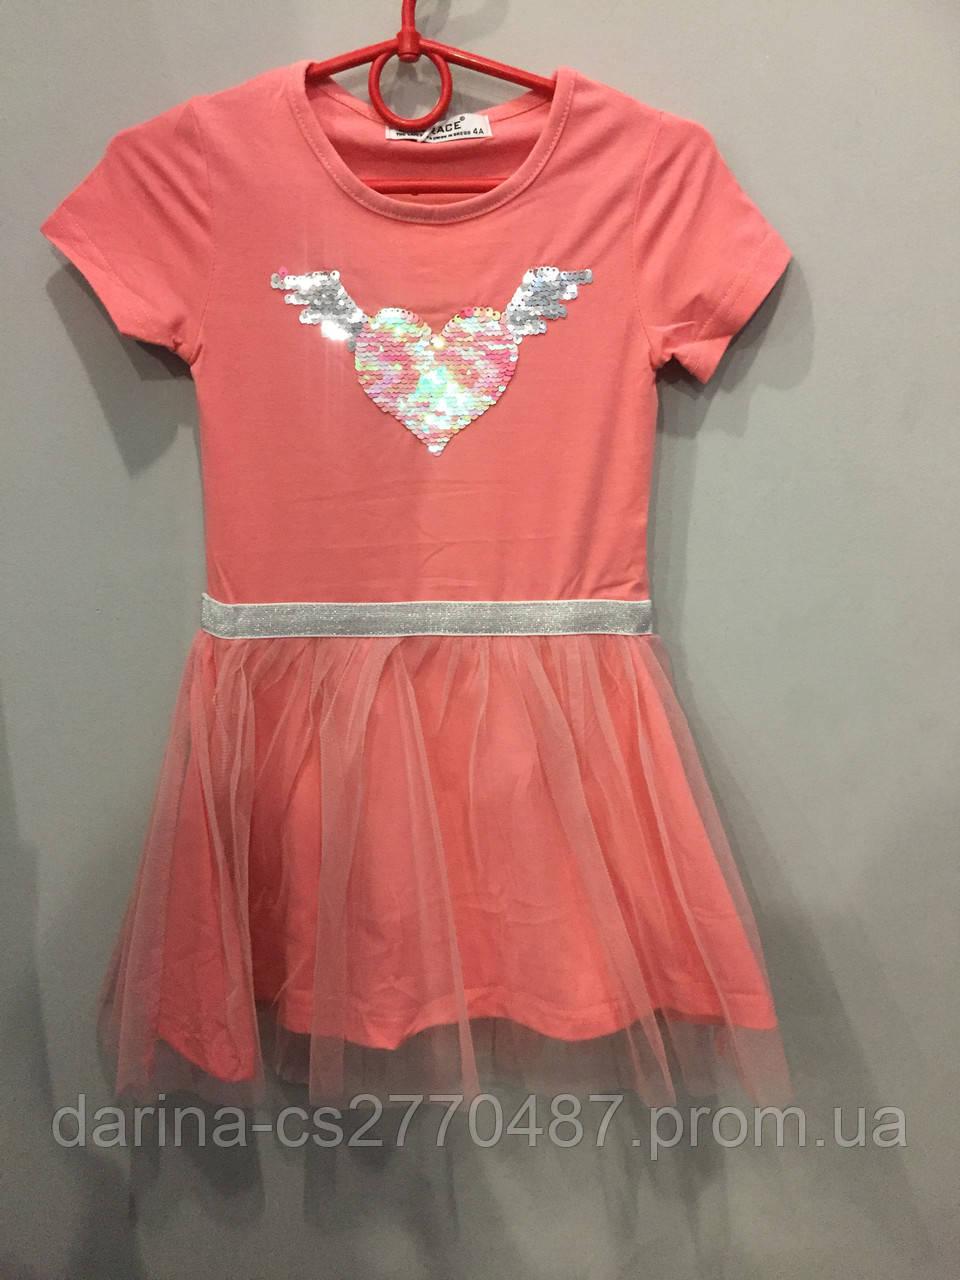 Платье с пайетками для девочки 4 г